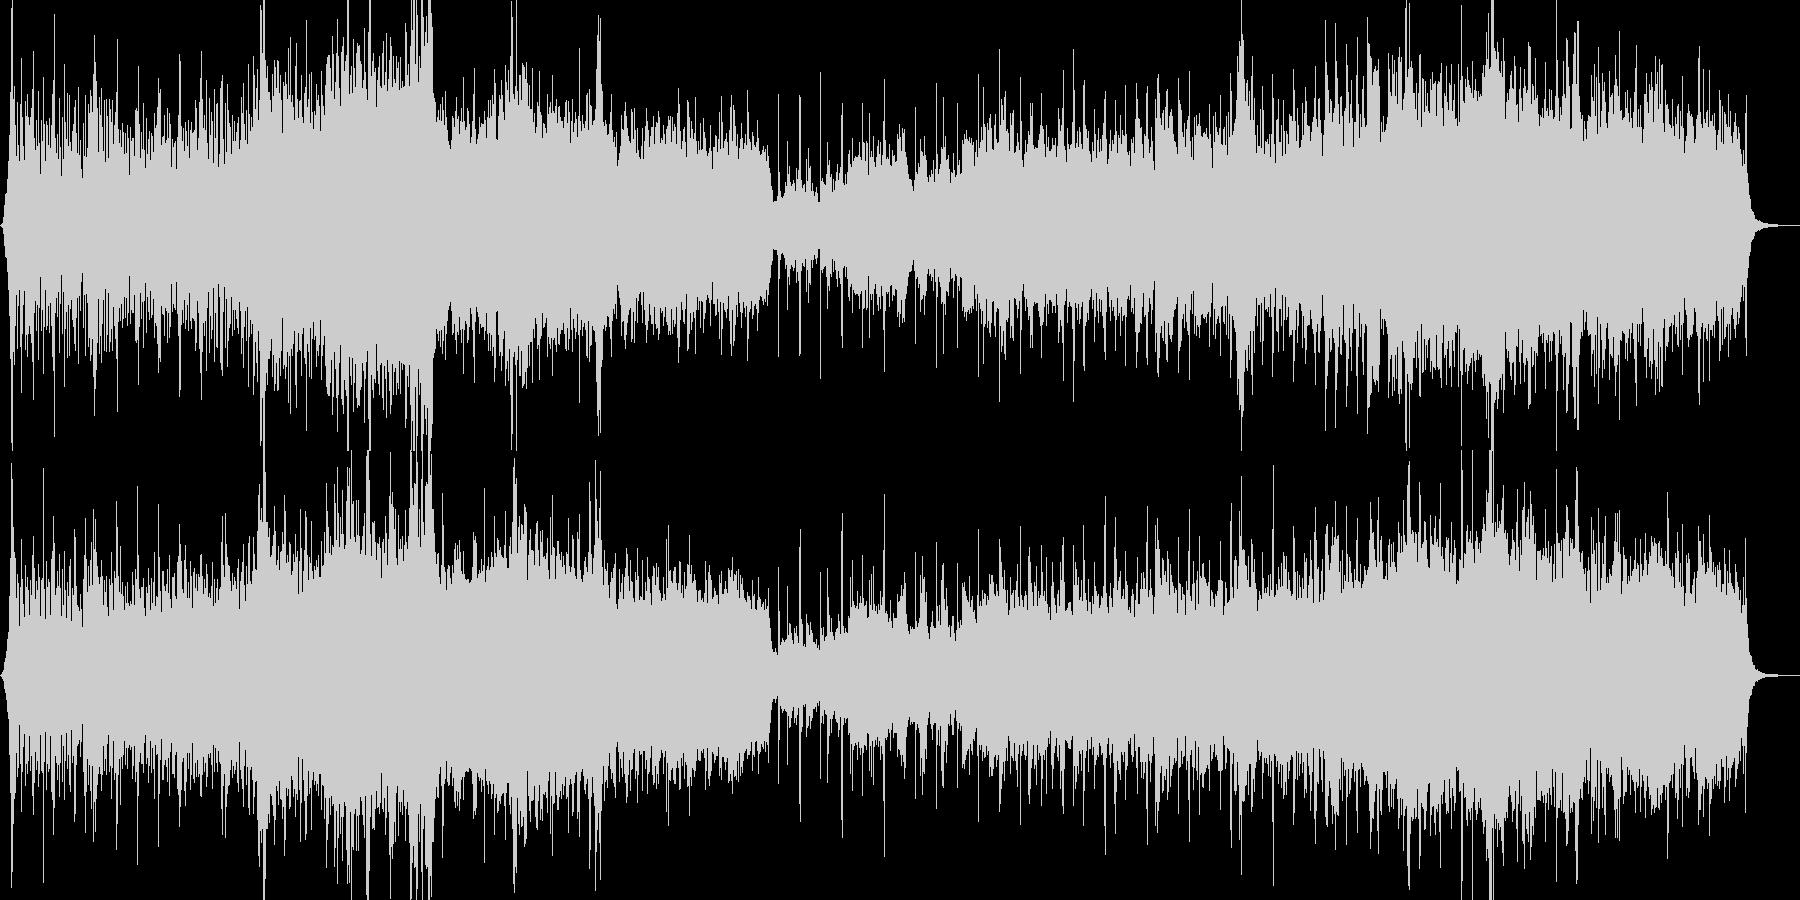 水の印象をイメージ化したヒーリング音楽の未再生の波形